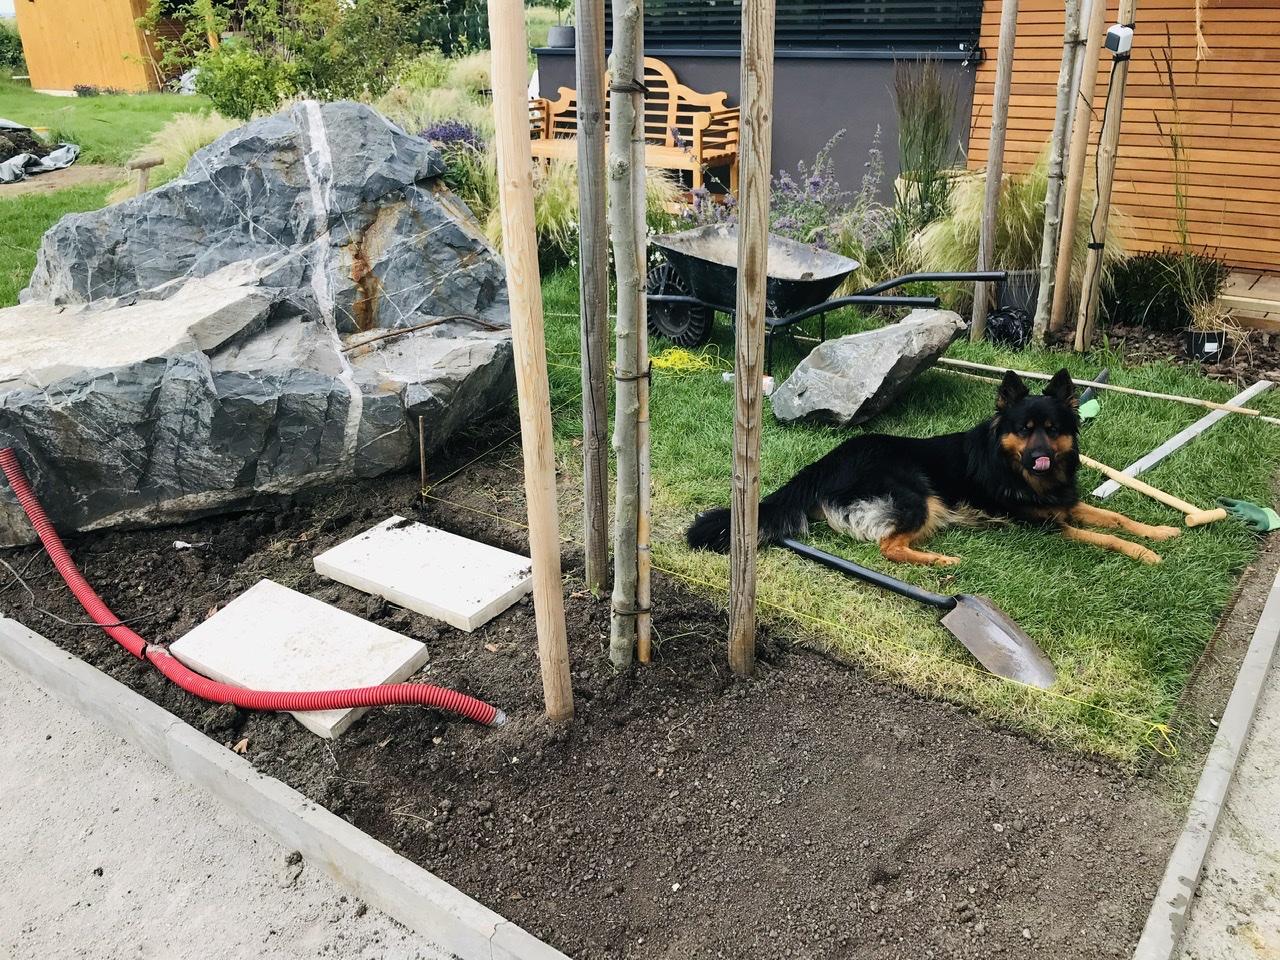 Naše L-ko - 2021 - stále dokončujeme - začínam odstraňovať travný drn okolo buduceho dreveného chodníčka u bazéna, kde príde výsadba tráv ku bazénu. Postupne rozmiestnujem nášľapy v miestach priechodu cez záhon, budu 3 priechody.